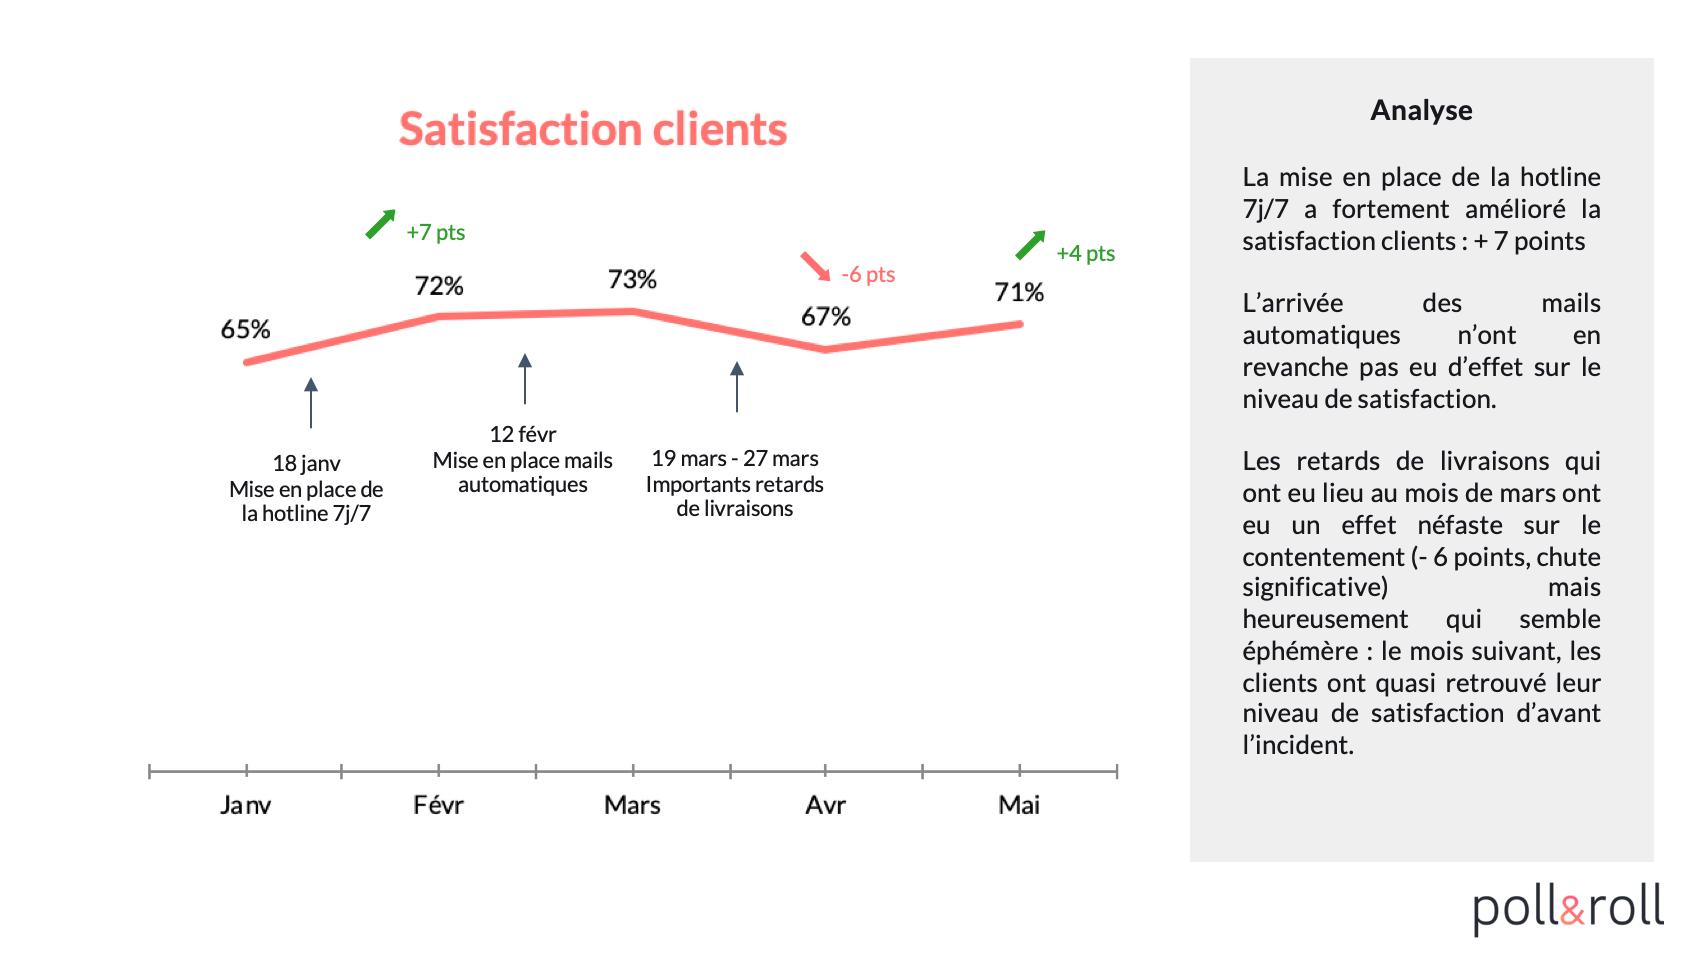 Baromètre de satisfaction client